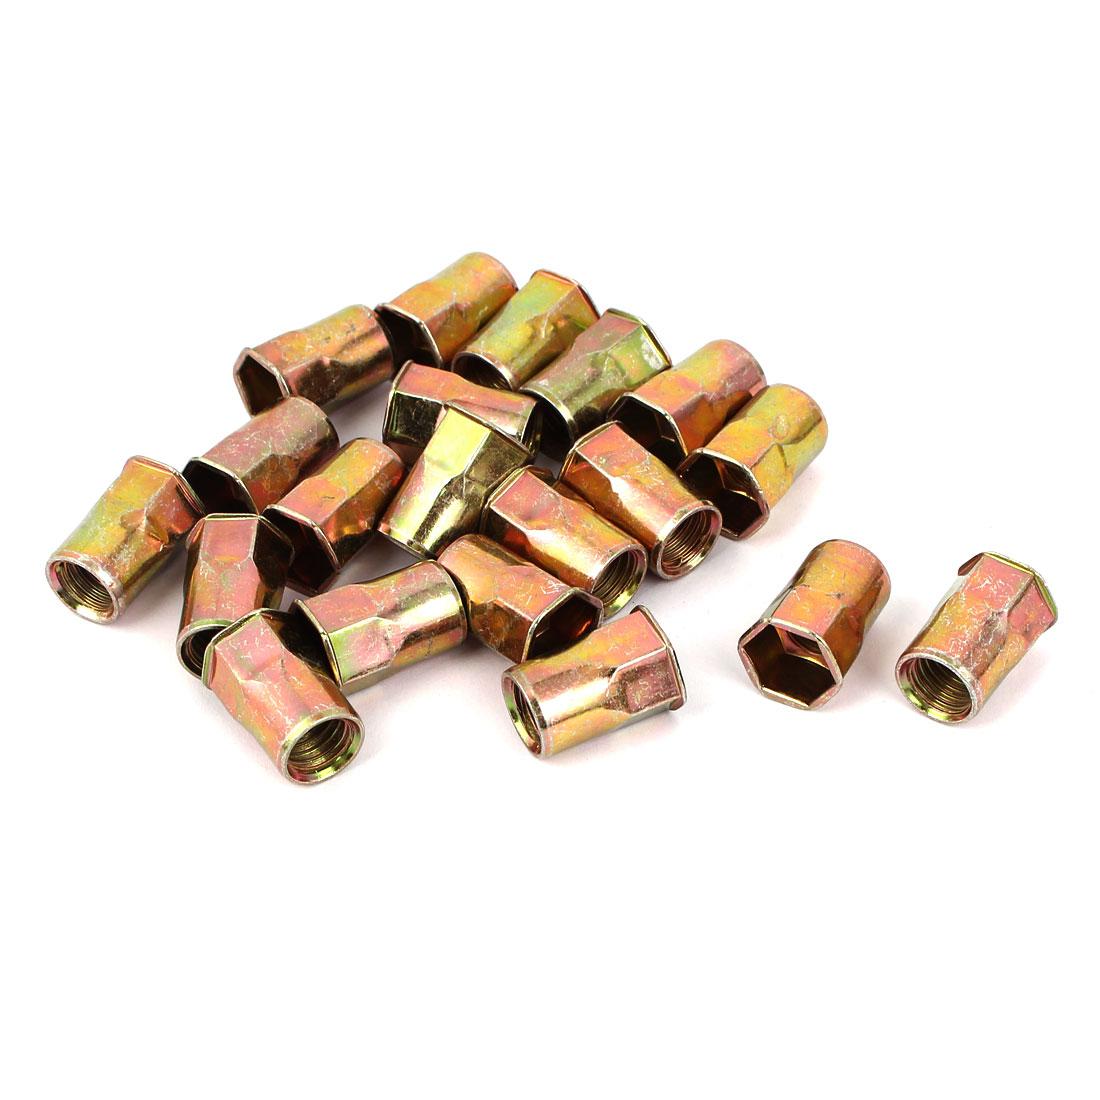 M10 Flat Head Rivet Nut Insert Nutsert Bronze Tone 20pcs